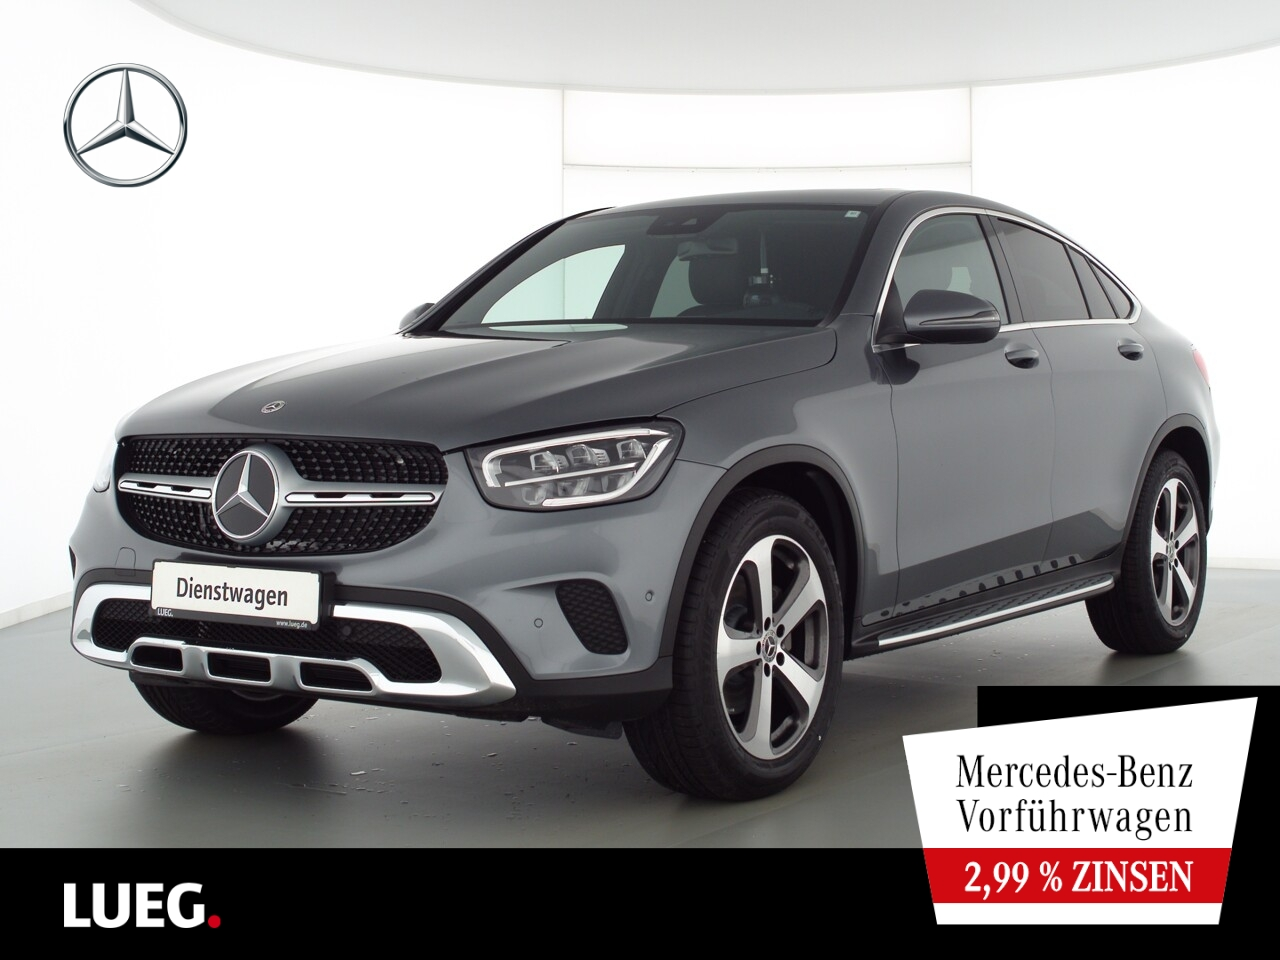 Mercedes-Benz GLC 200 d 4M Coupé EXCLUSIVE+SHD+AHK+19''+SOUND, Jahr 2021, Diesel